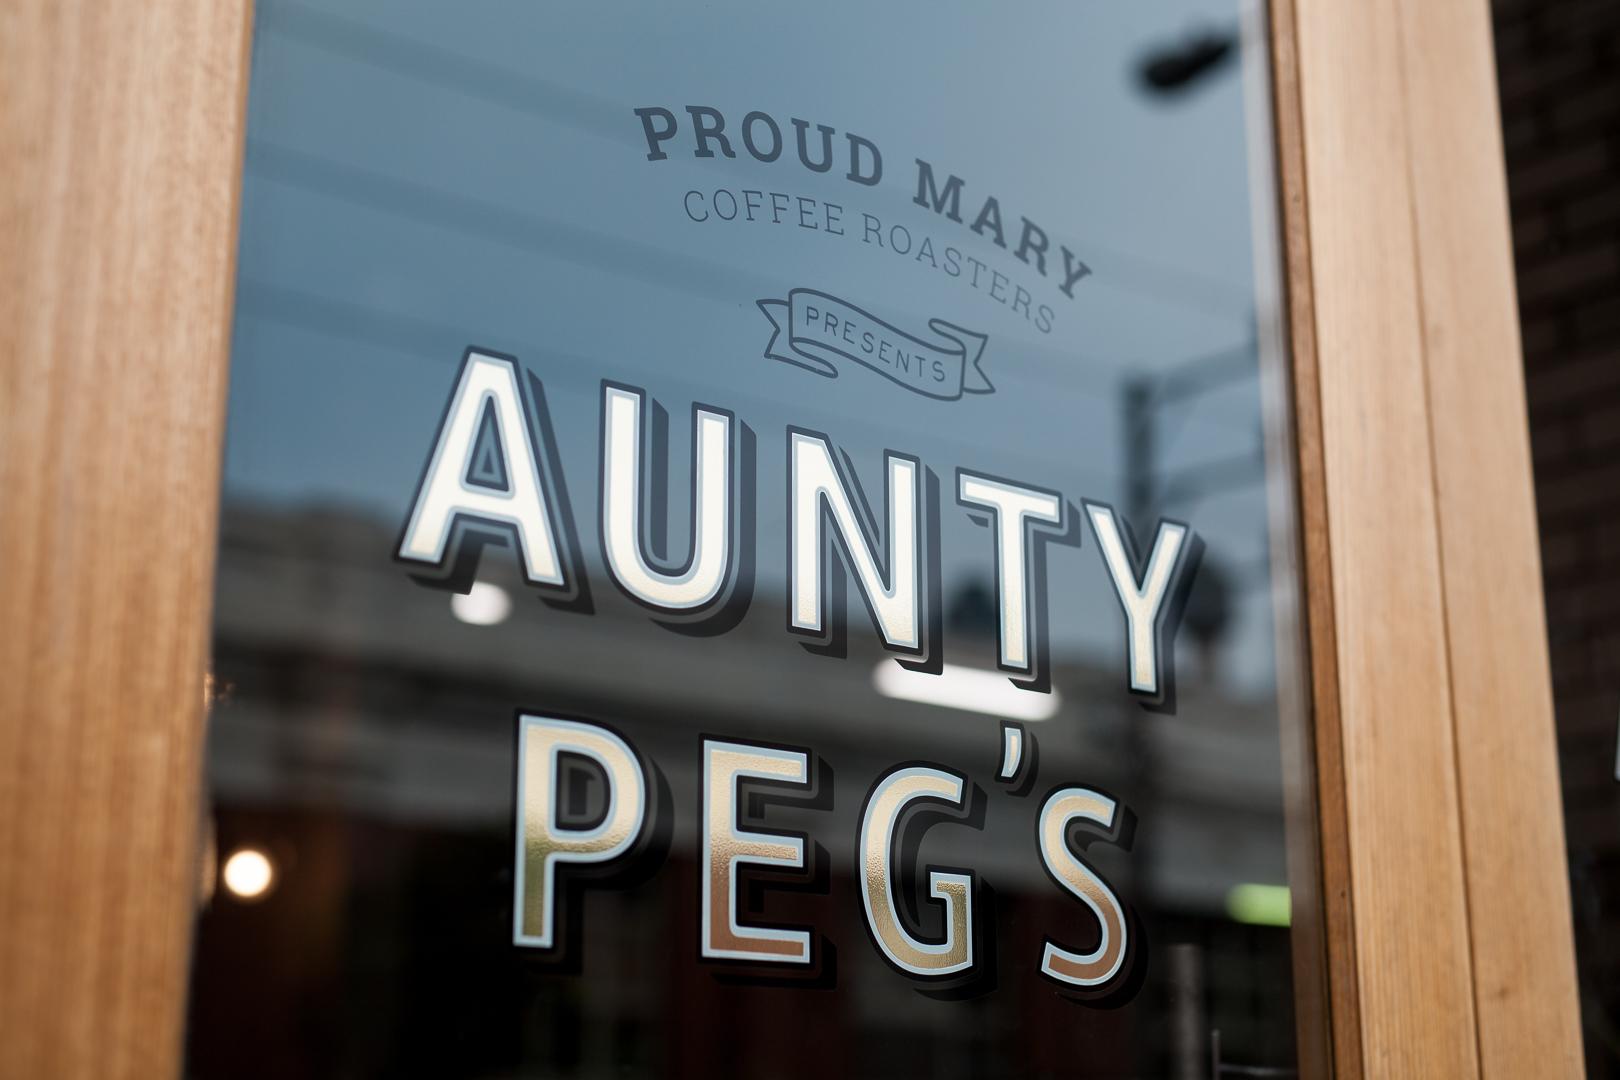 Aunty Peg's